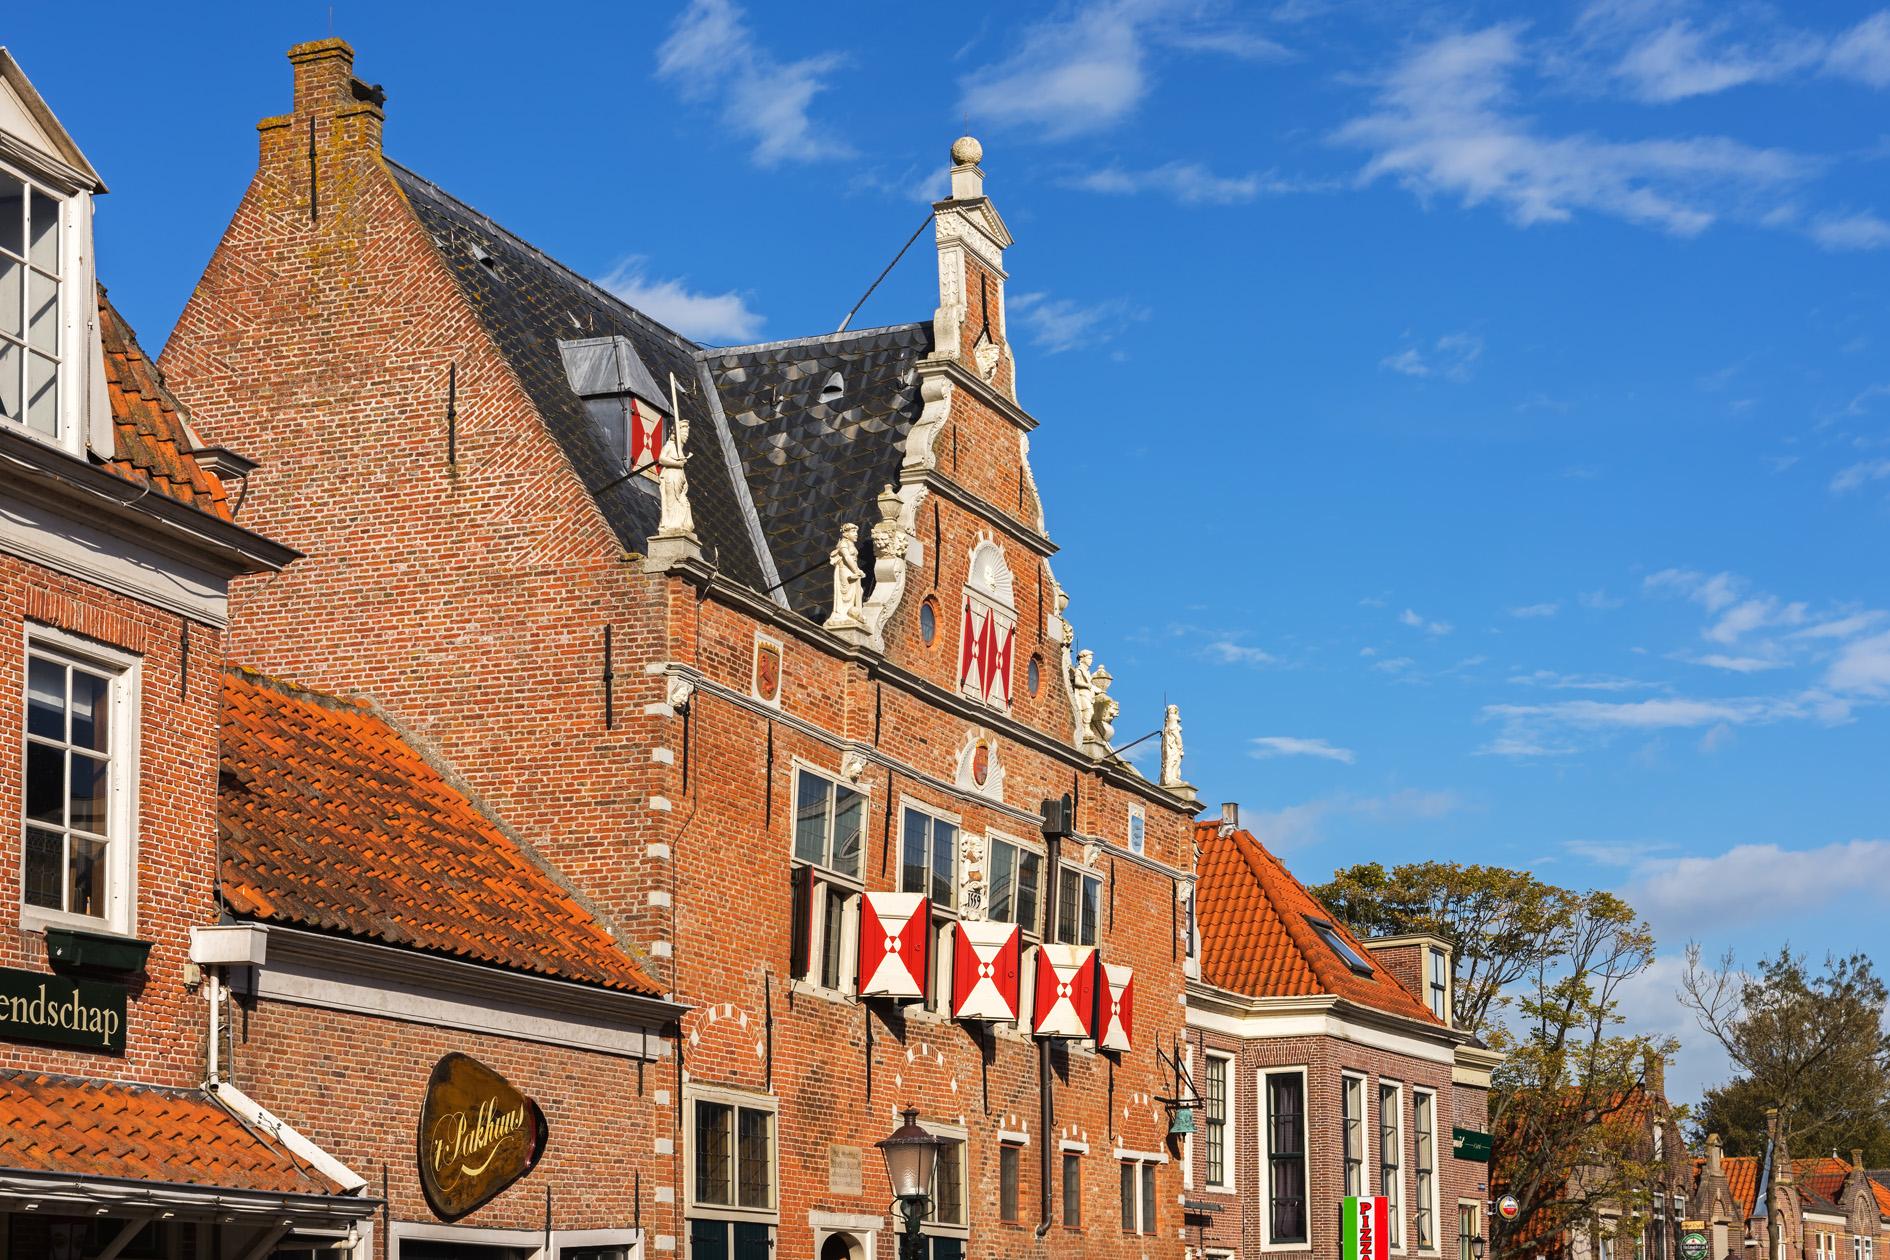 Historische vereniging Oud Enkhuizen gaat verhuizen naar een nieuw pand: het Waaggebouw aan de Kaasmarkt in Enkhuizen. (Foto: Shutterstock)